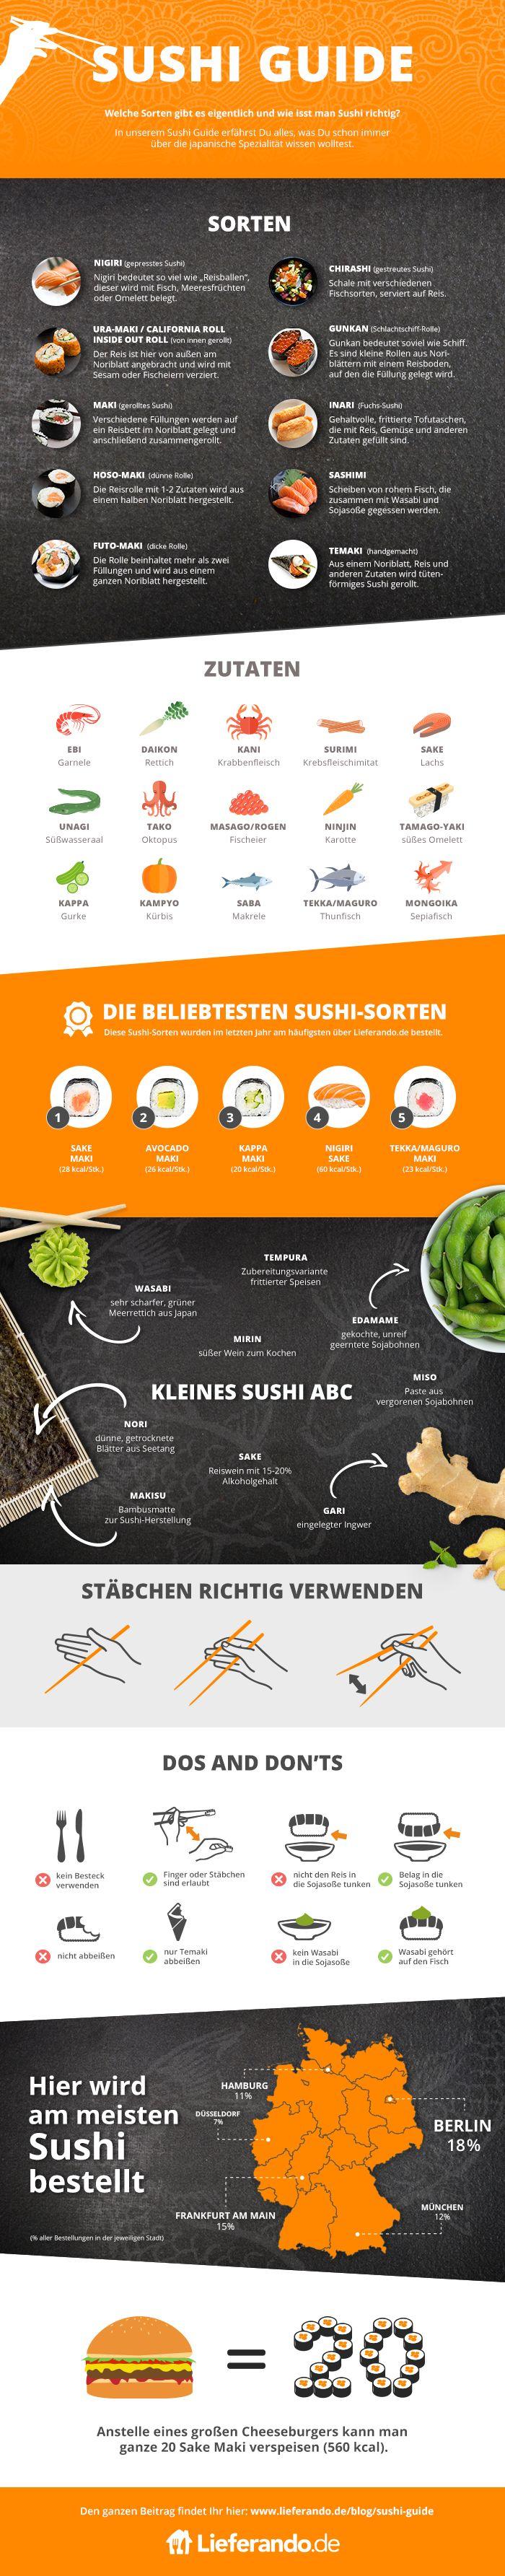 Der Lieferando Sushi Guide